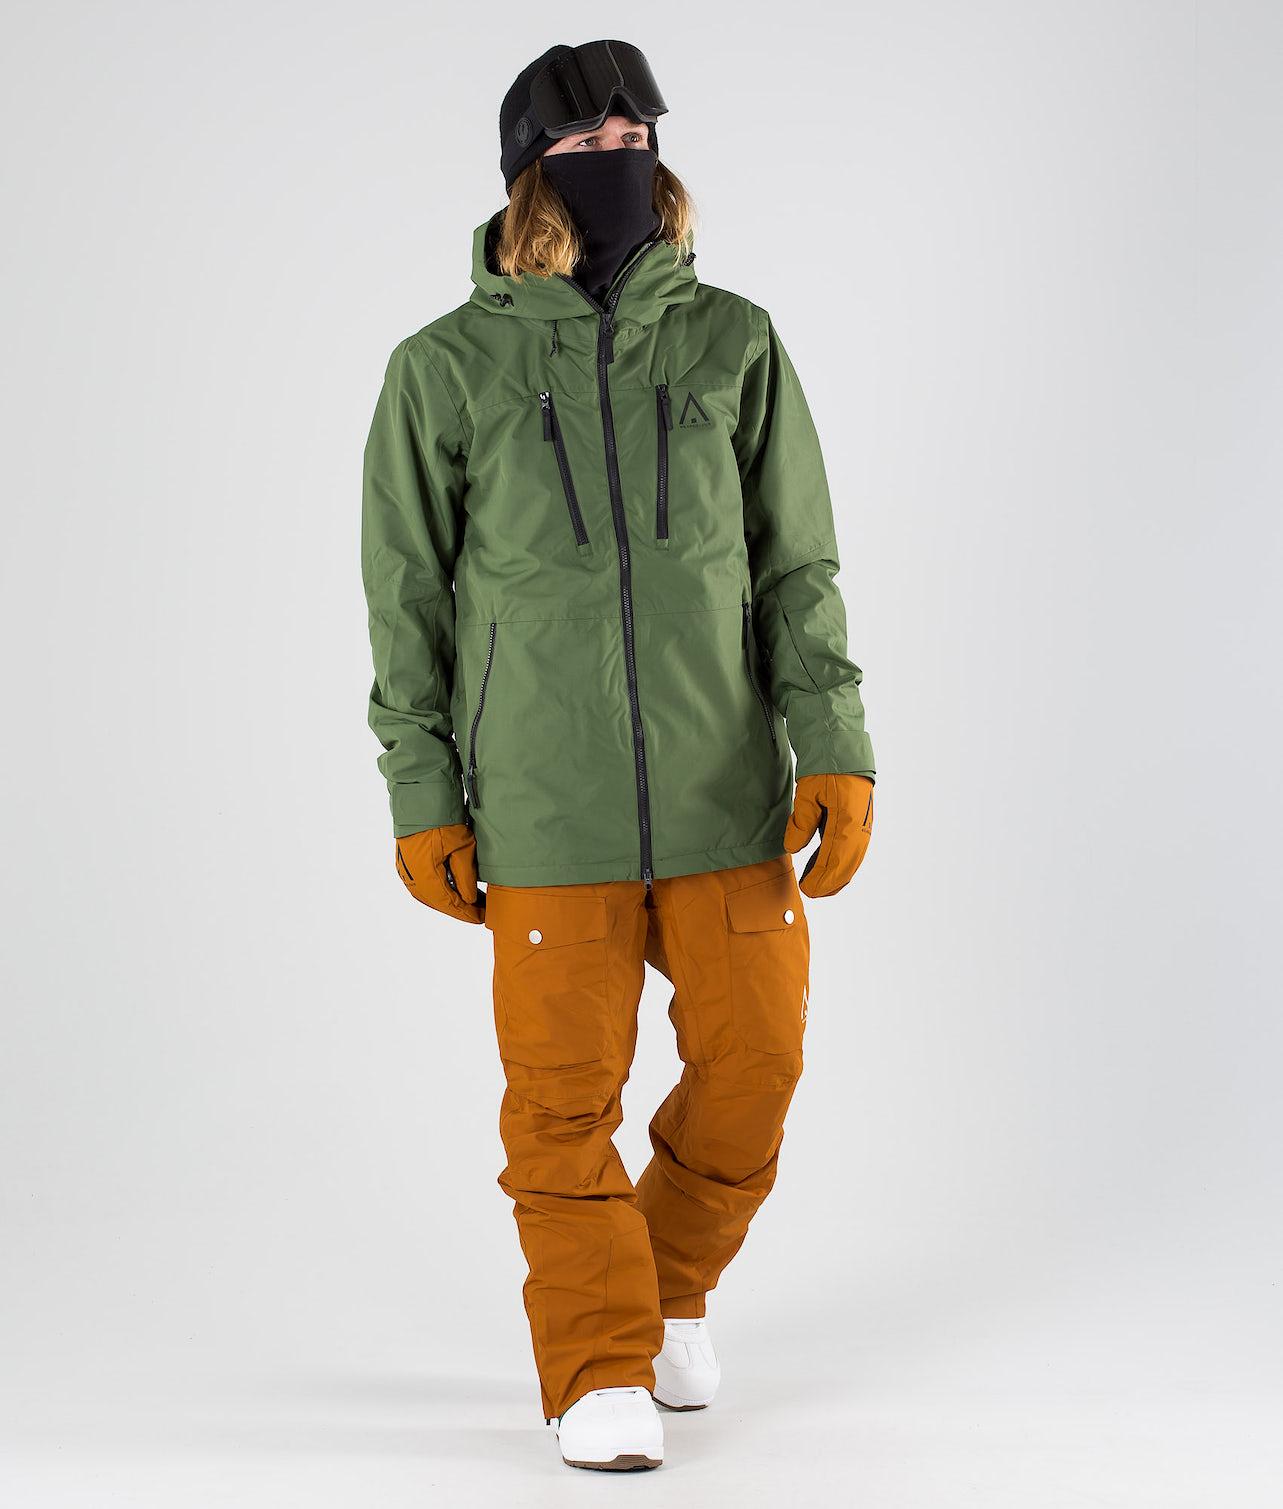 Kjøp Grid Snowboardjakke fra WearColour på Ridestore.no - Hos oss har du alltid fri frakt, fri retur og 30 dagers åpent kjøp!